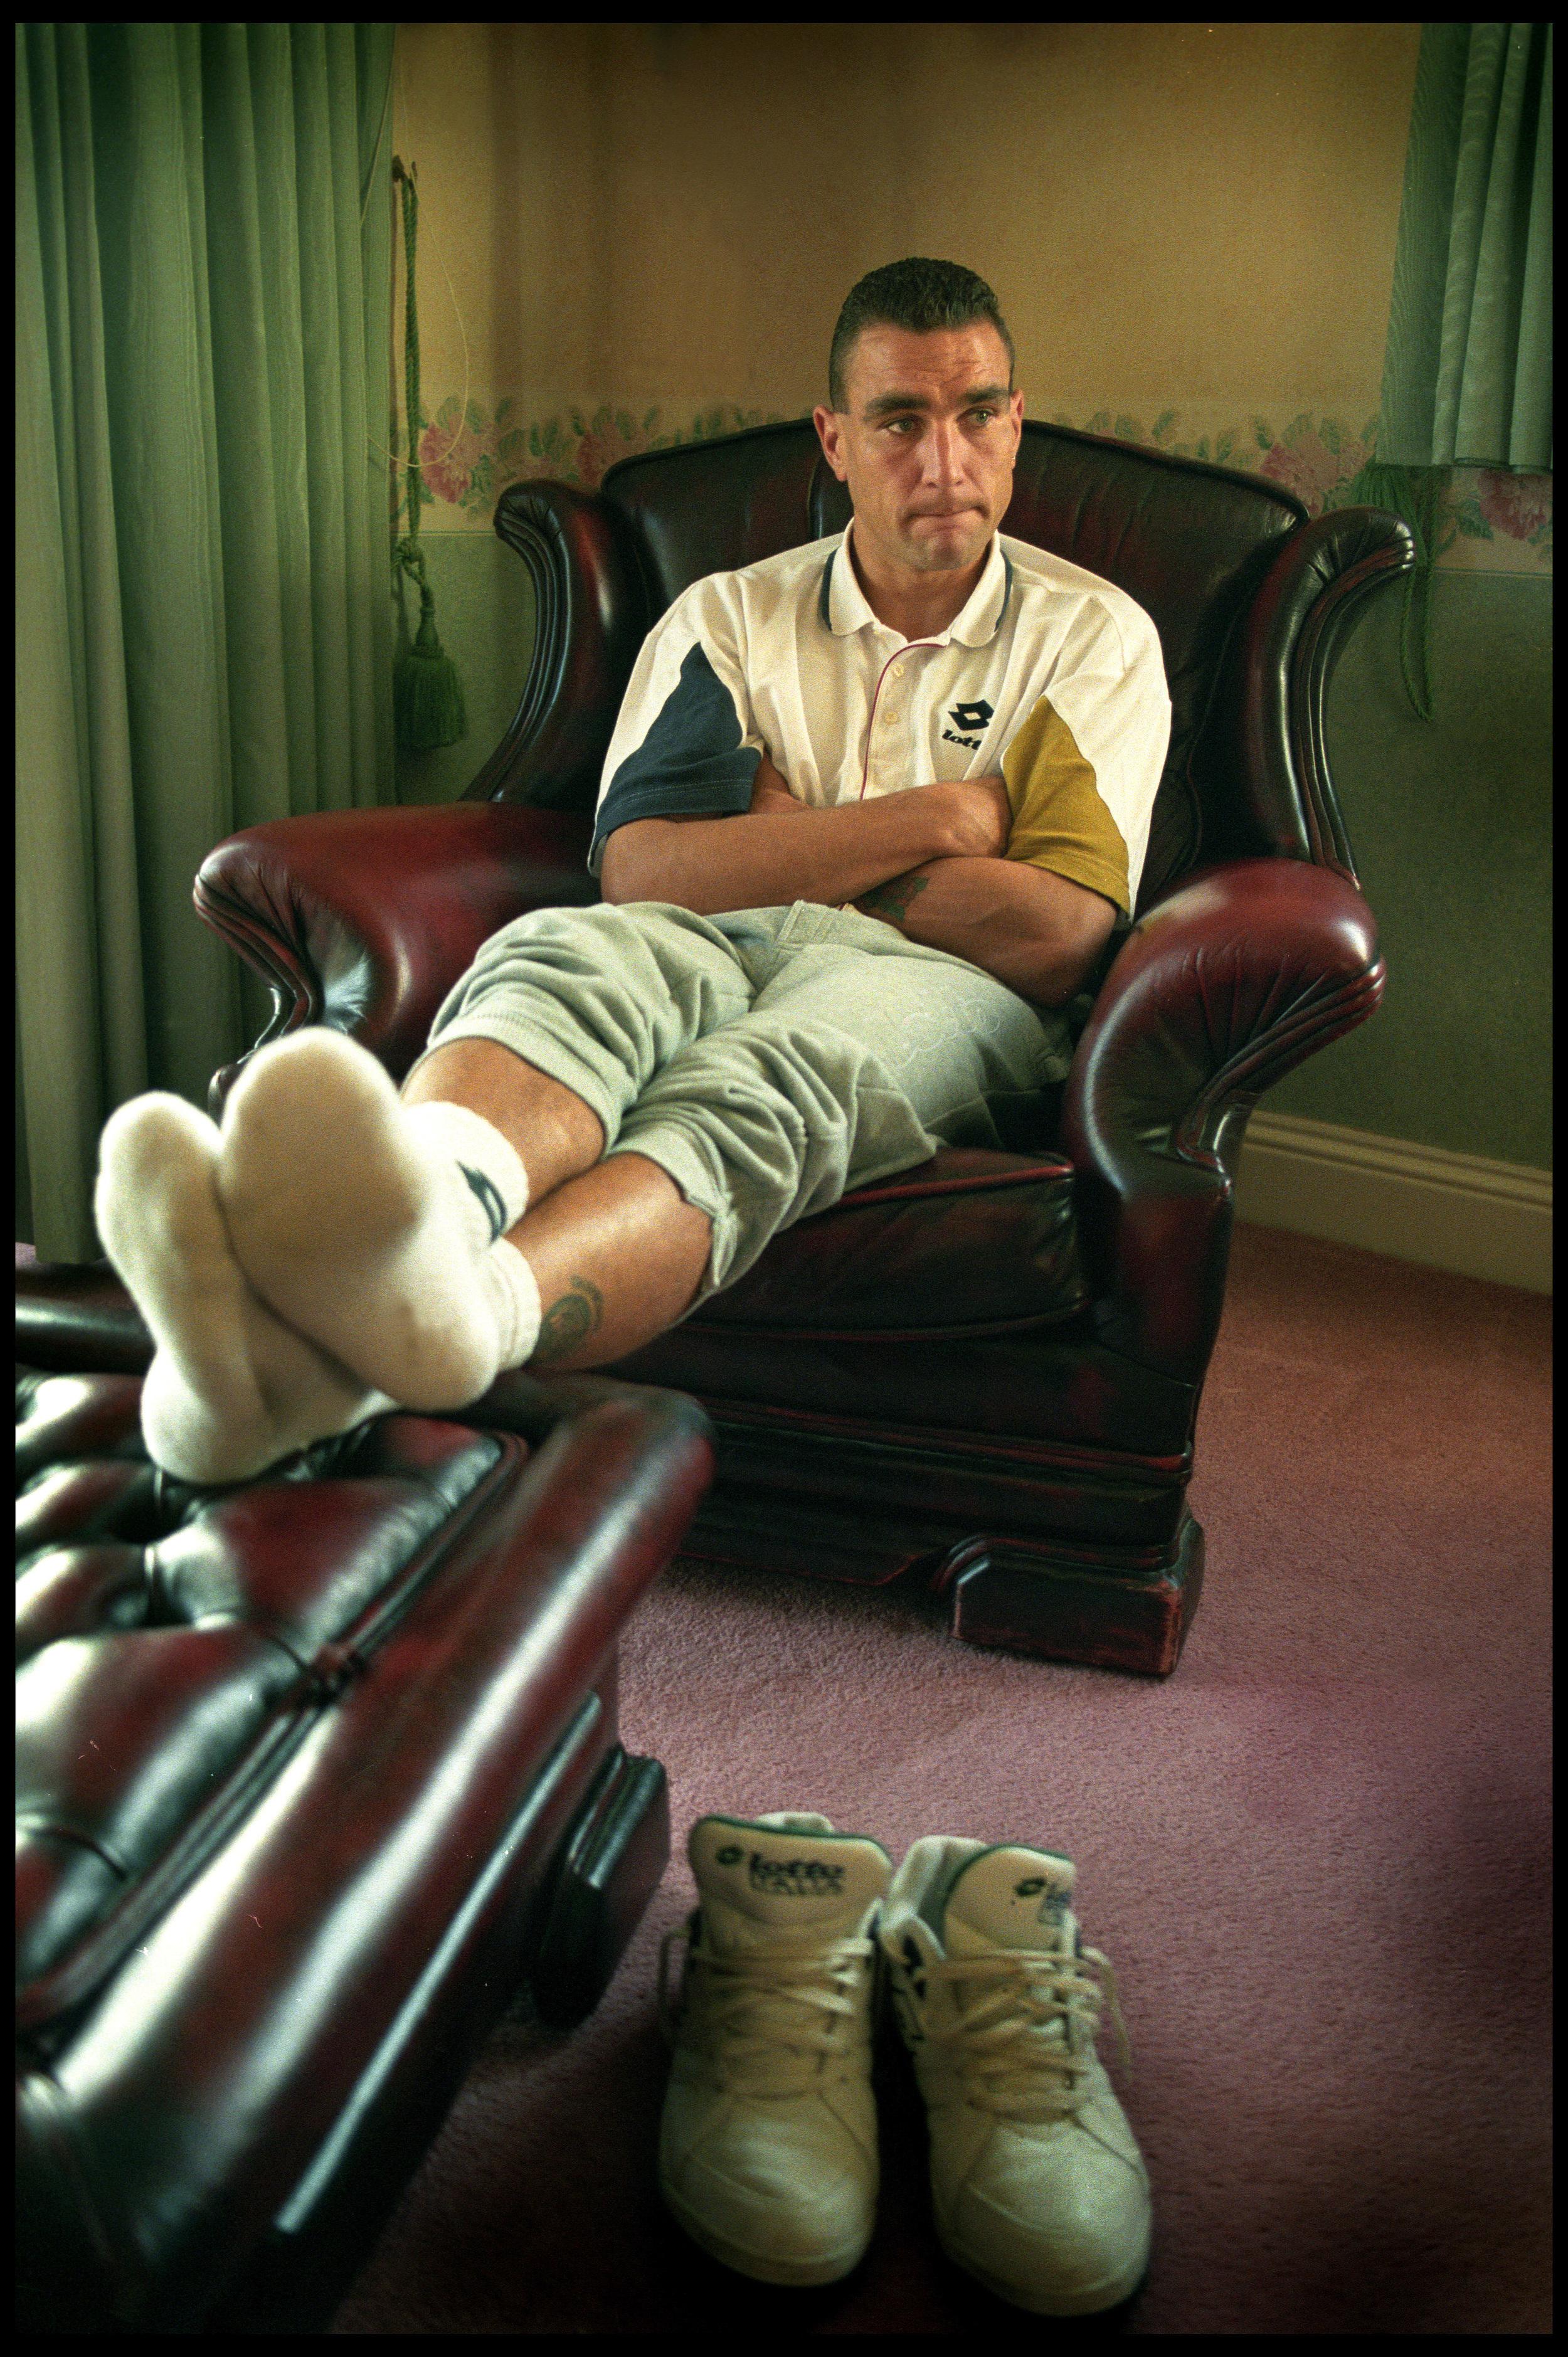 Vinnie Jones, actor, ex-footballer